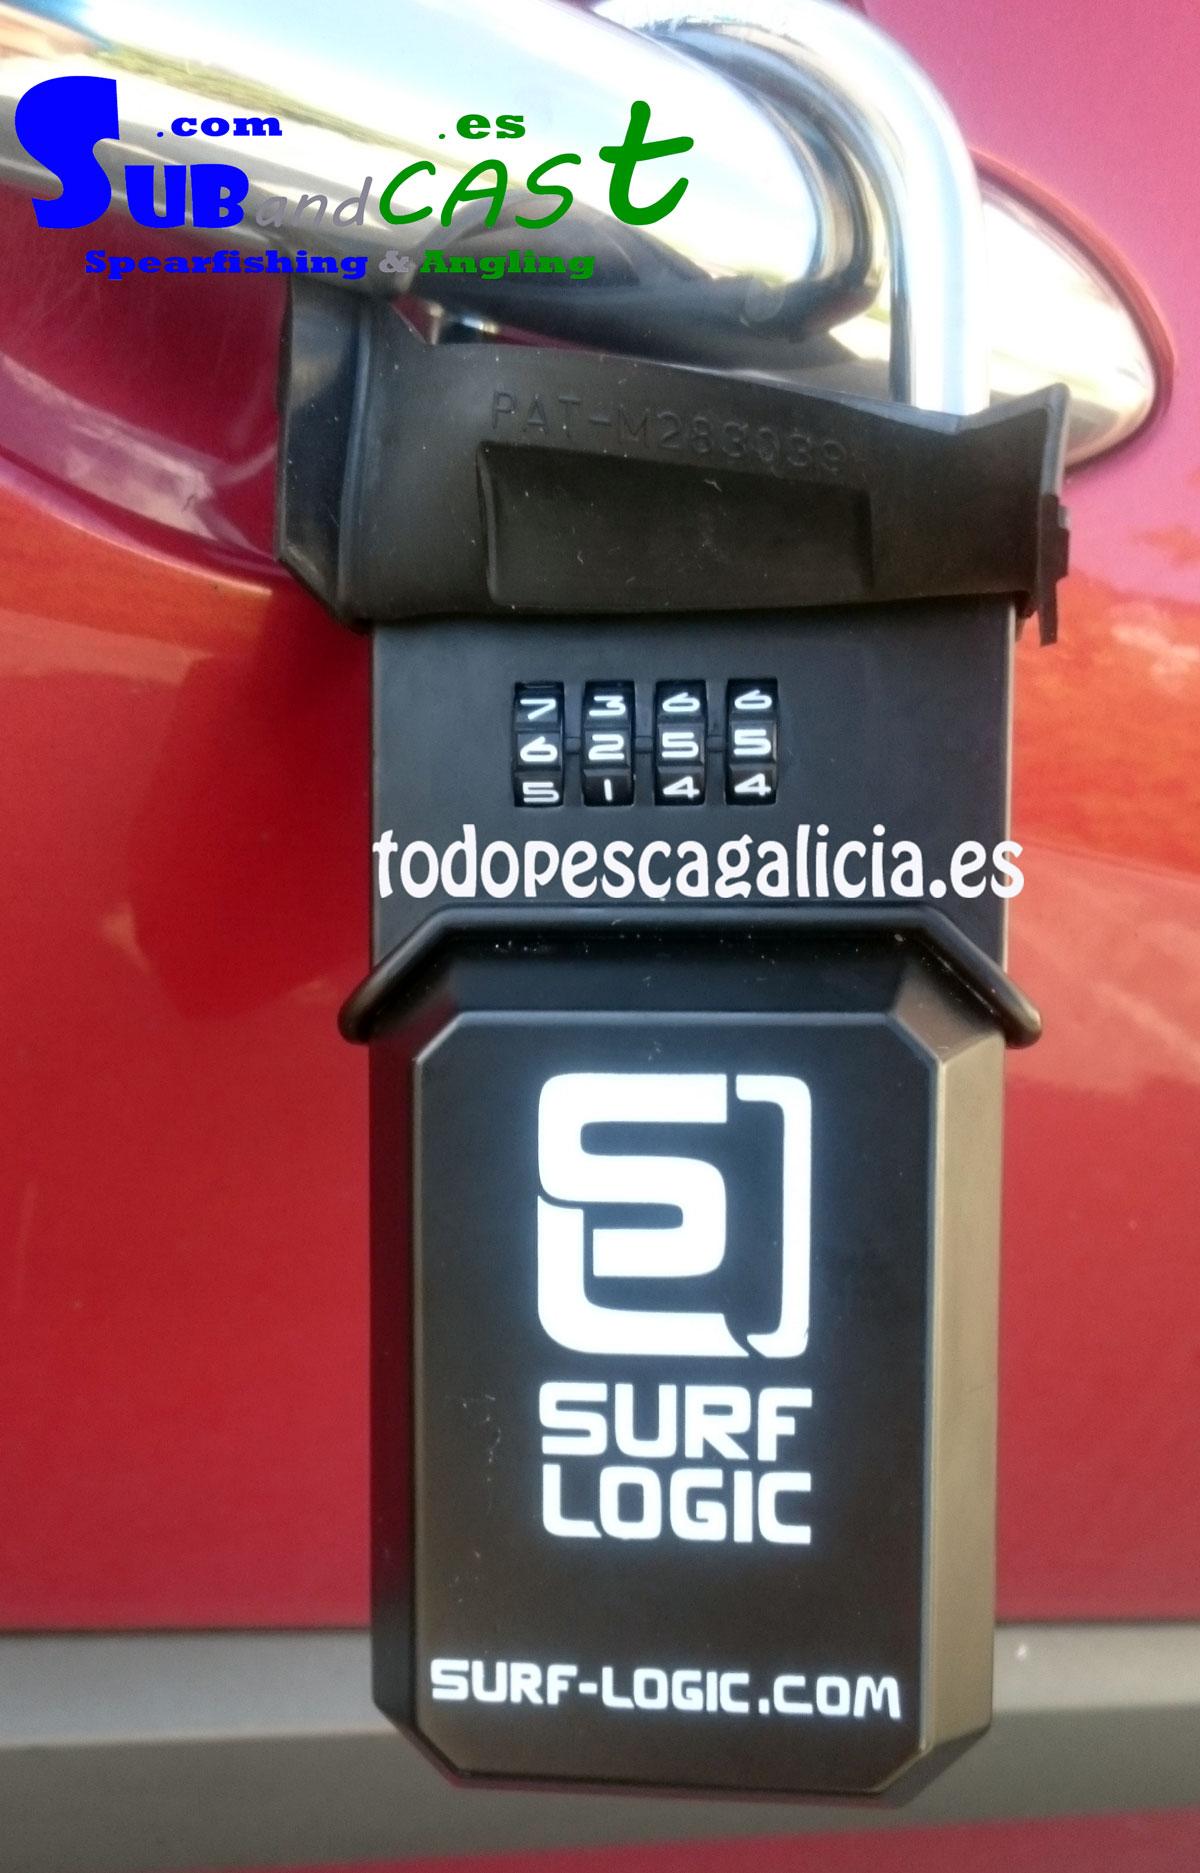 surf-logic-código